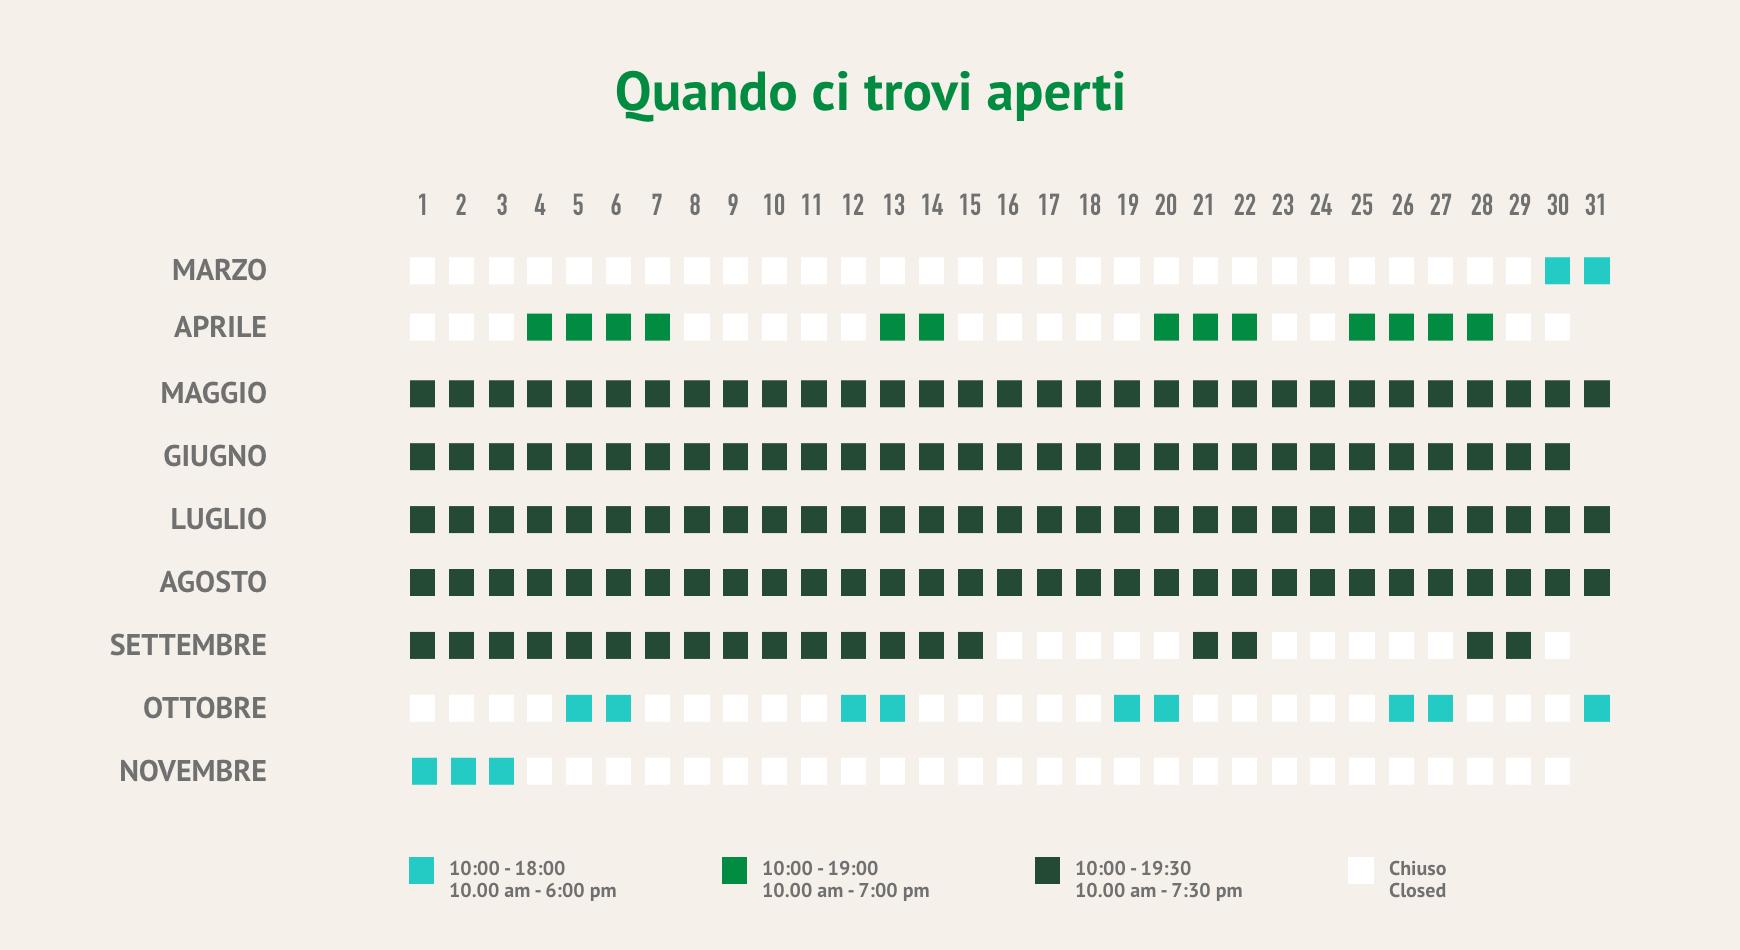 Calendario aperture Parco Avventura